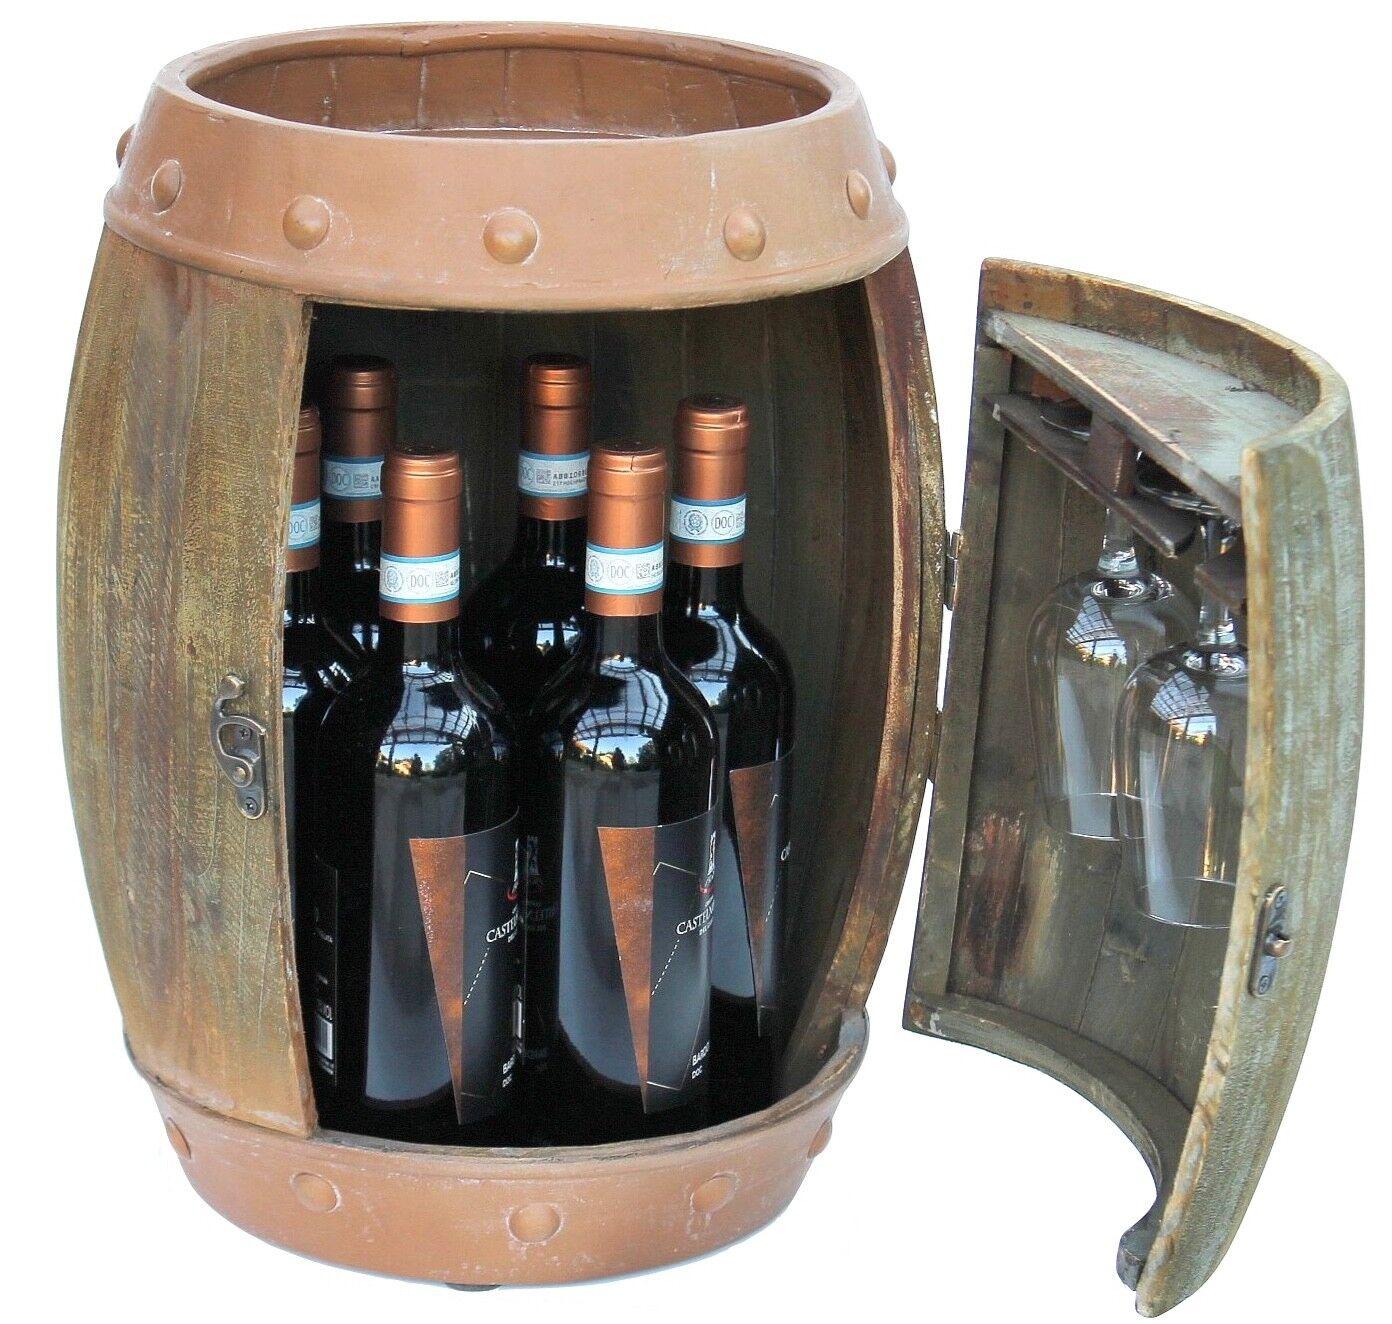 Étagère à vin bois tonneau marron 33 cm 91361 bouteilles étagère tonneau bois vintage bar